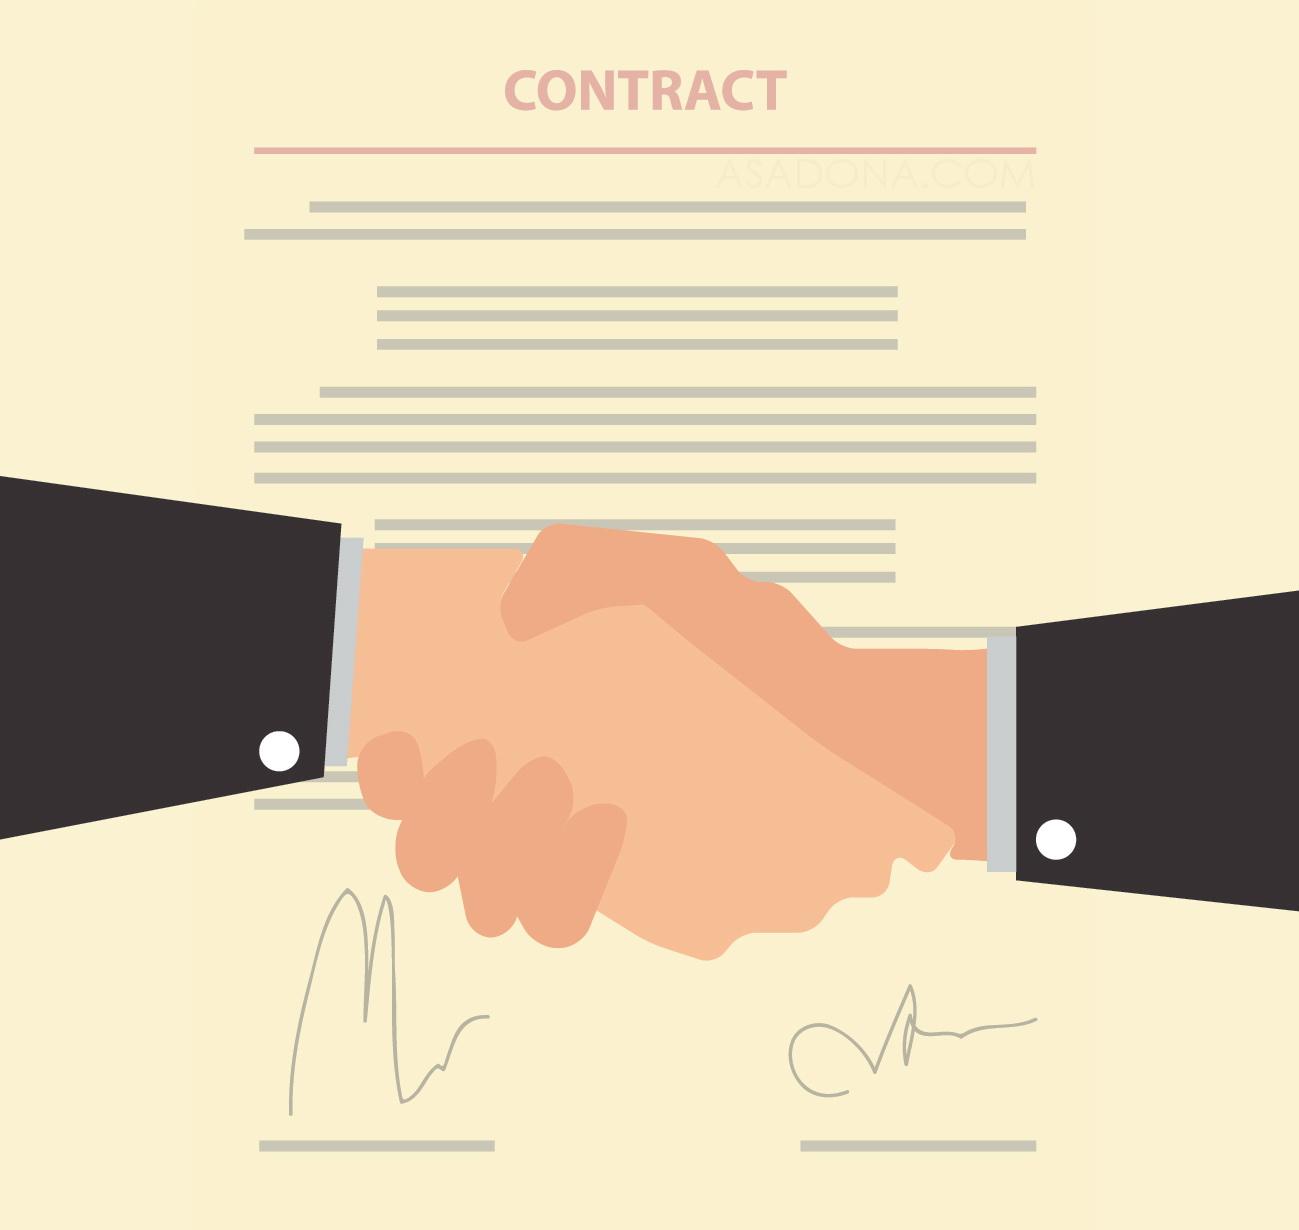 Thủ tục đầu tư theo hình thức hợp đồng BCC - ASADONA